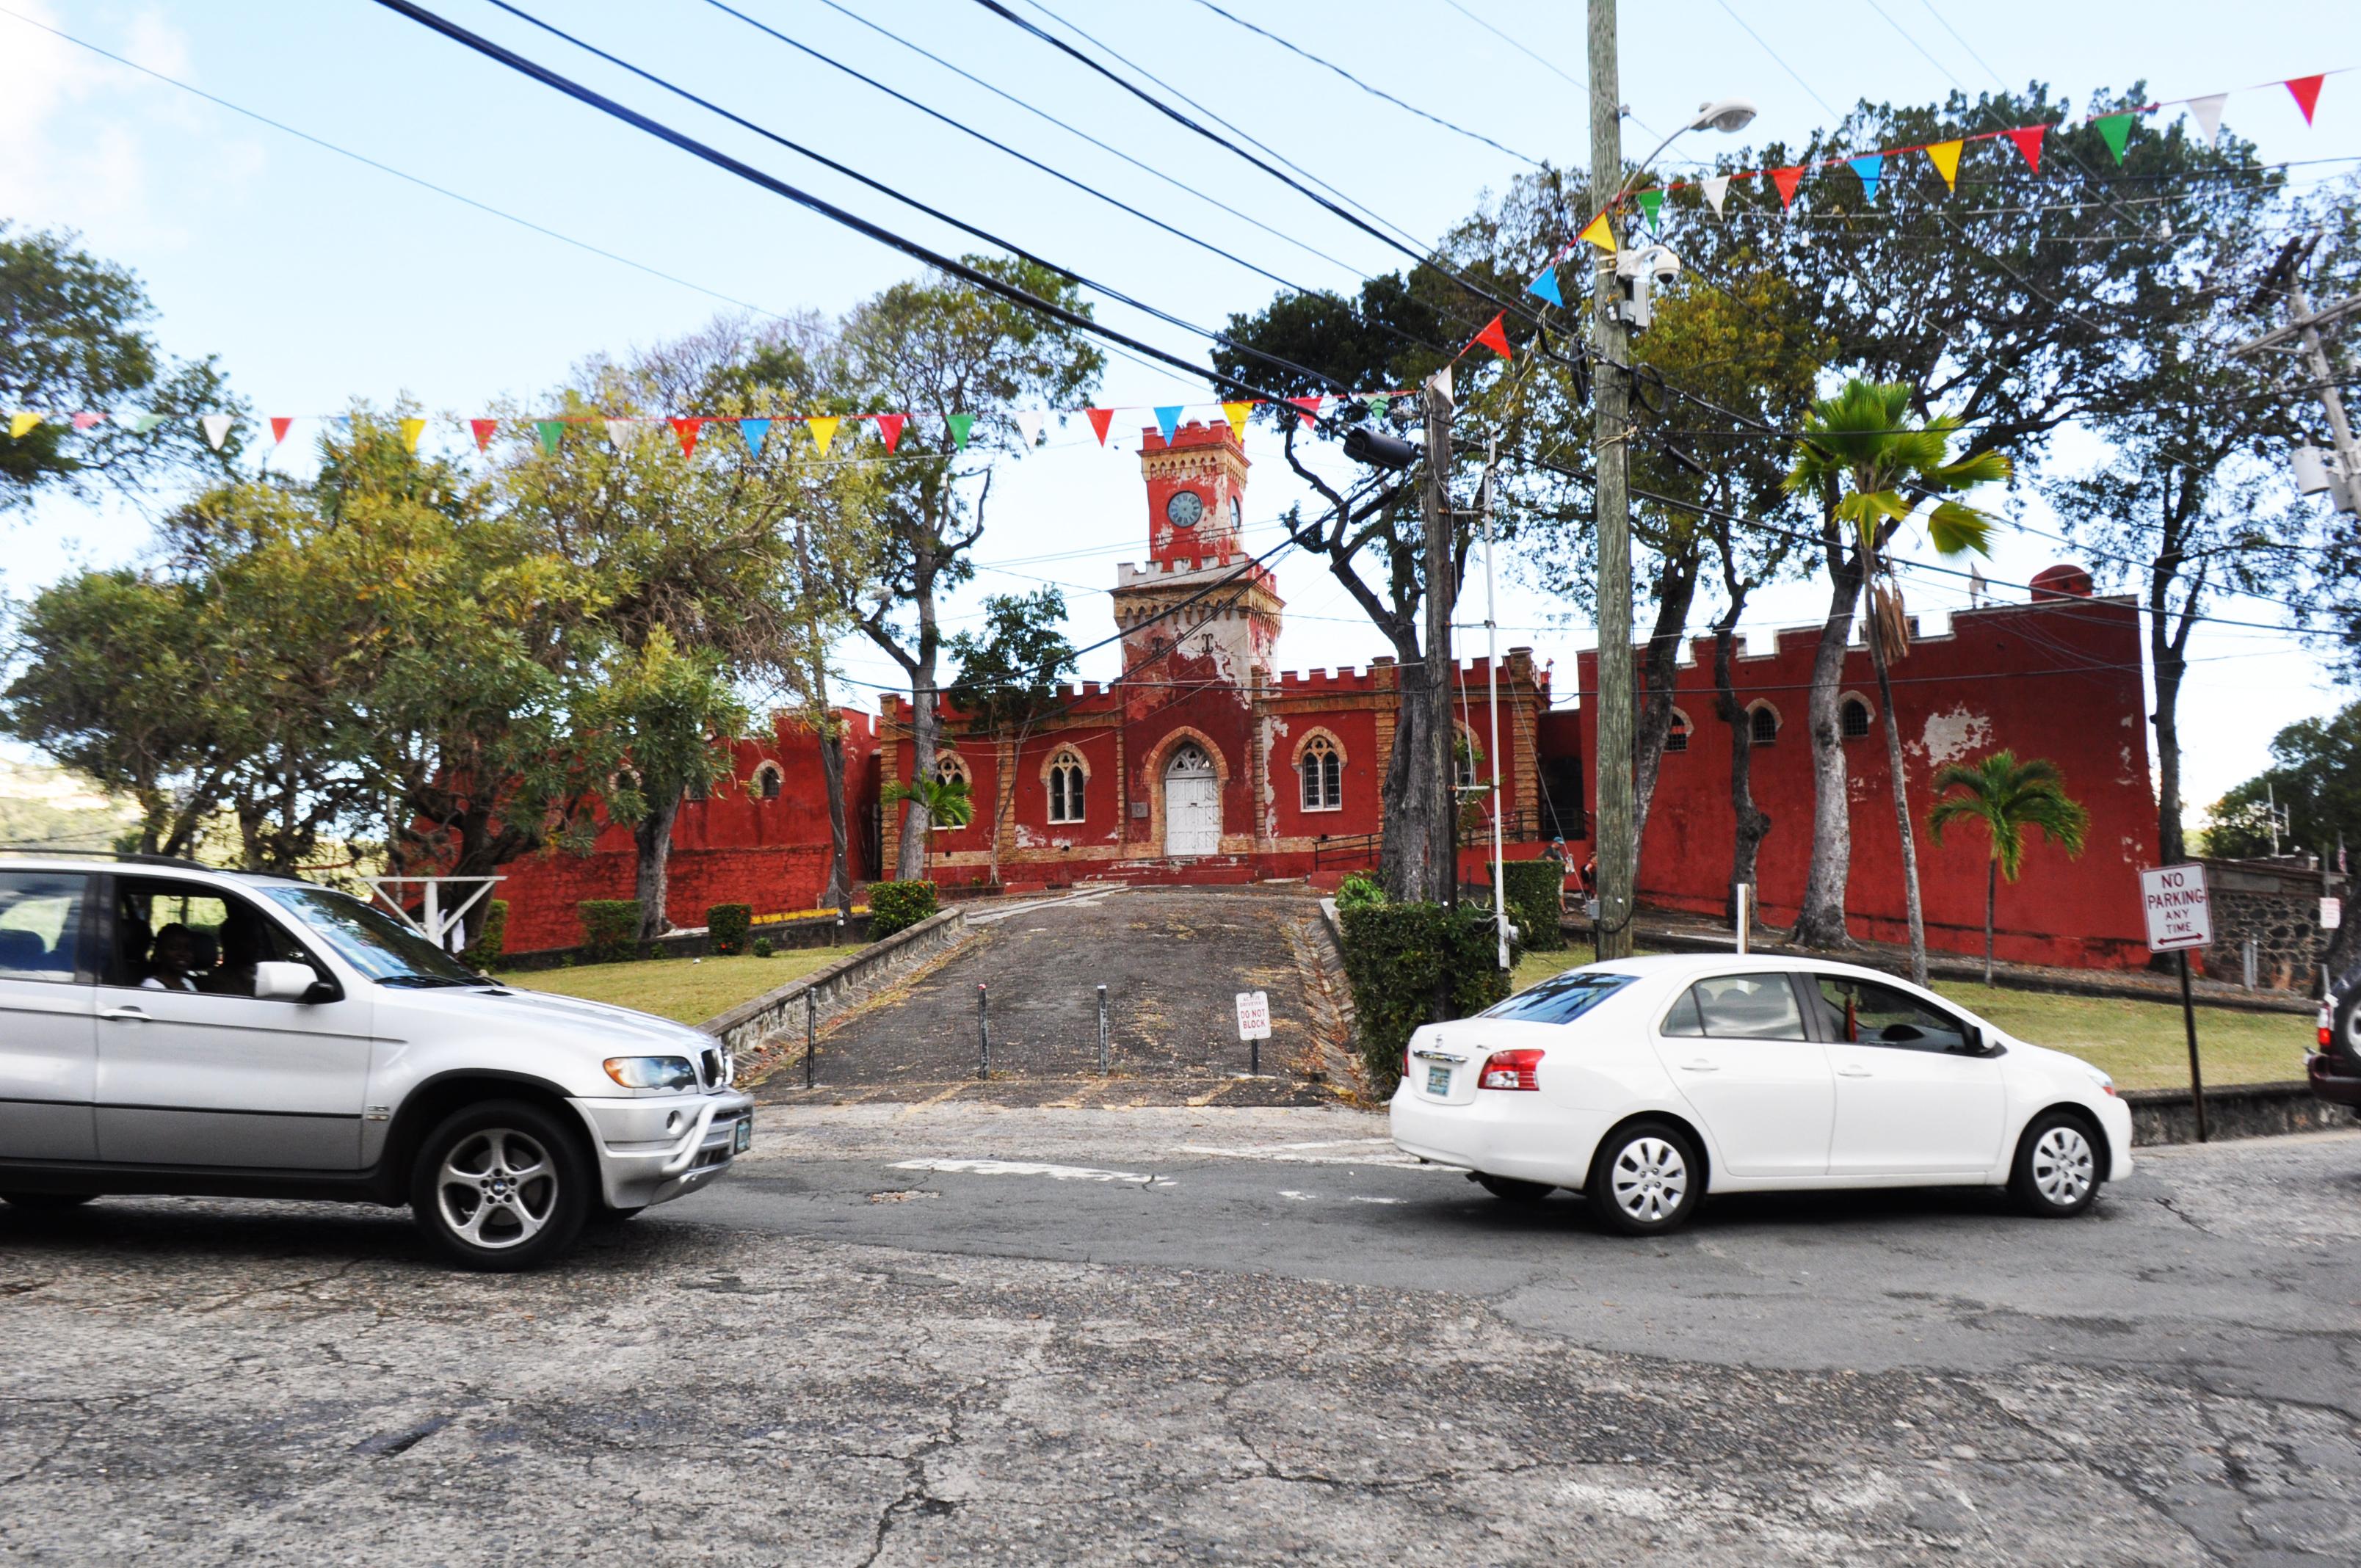 Diario-de-Viagem-Caribe-St-Thomas-Navio-Acho-Tendencia-Giovana-Quaglio-7